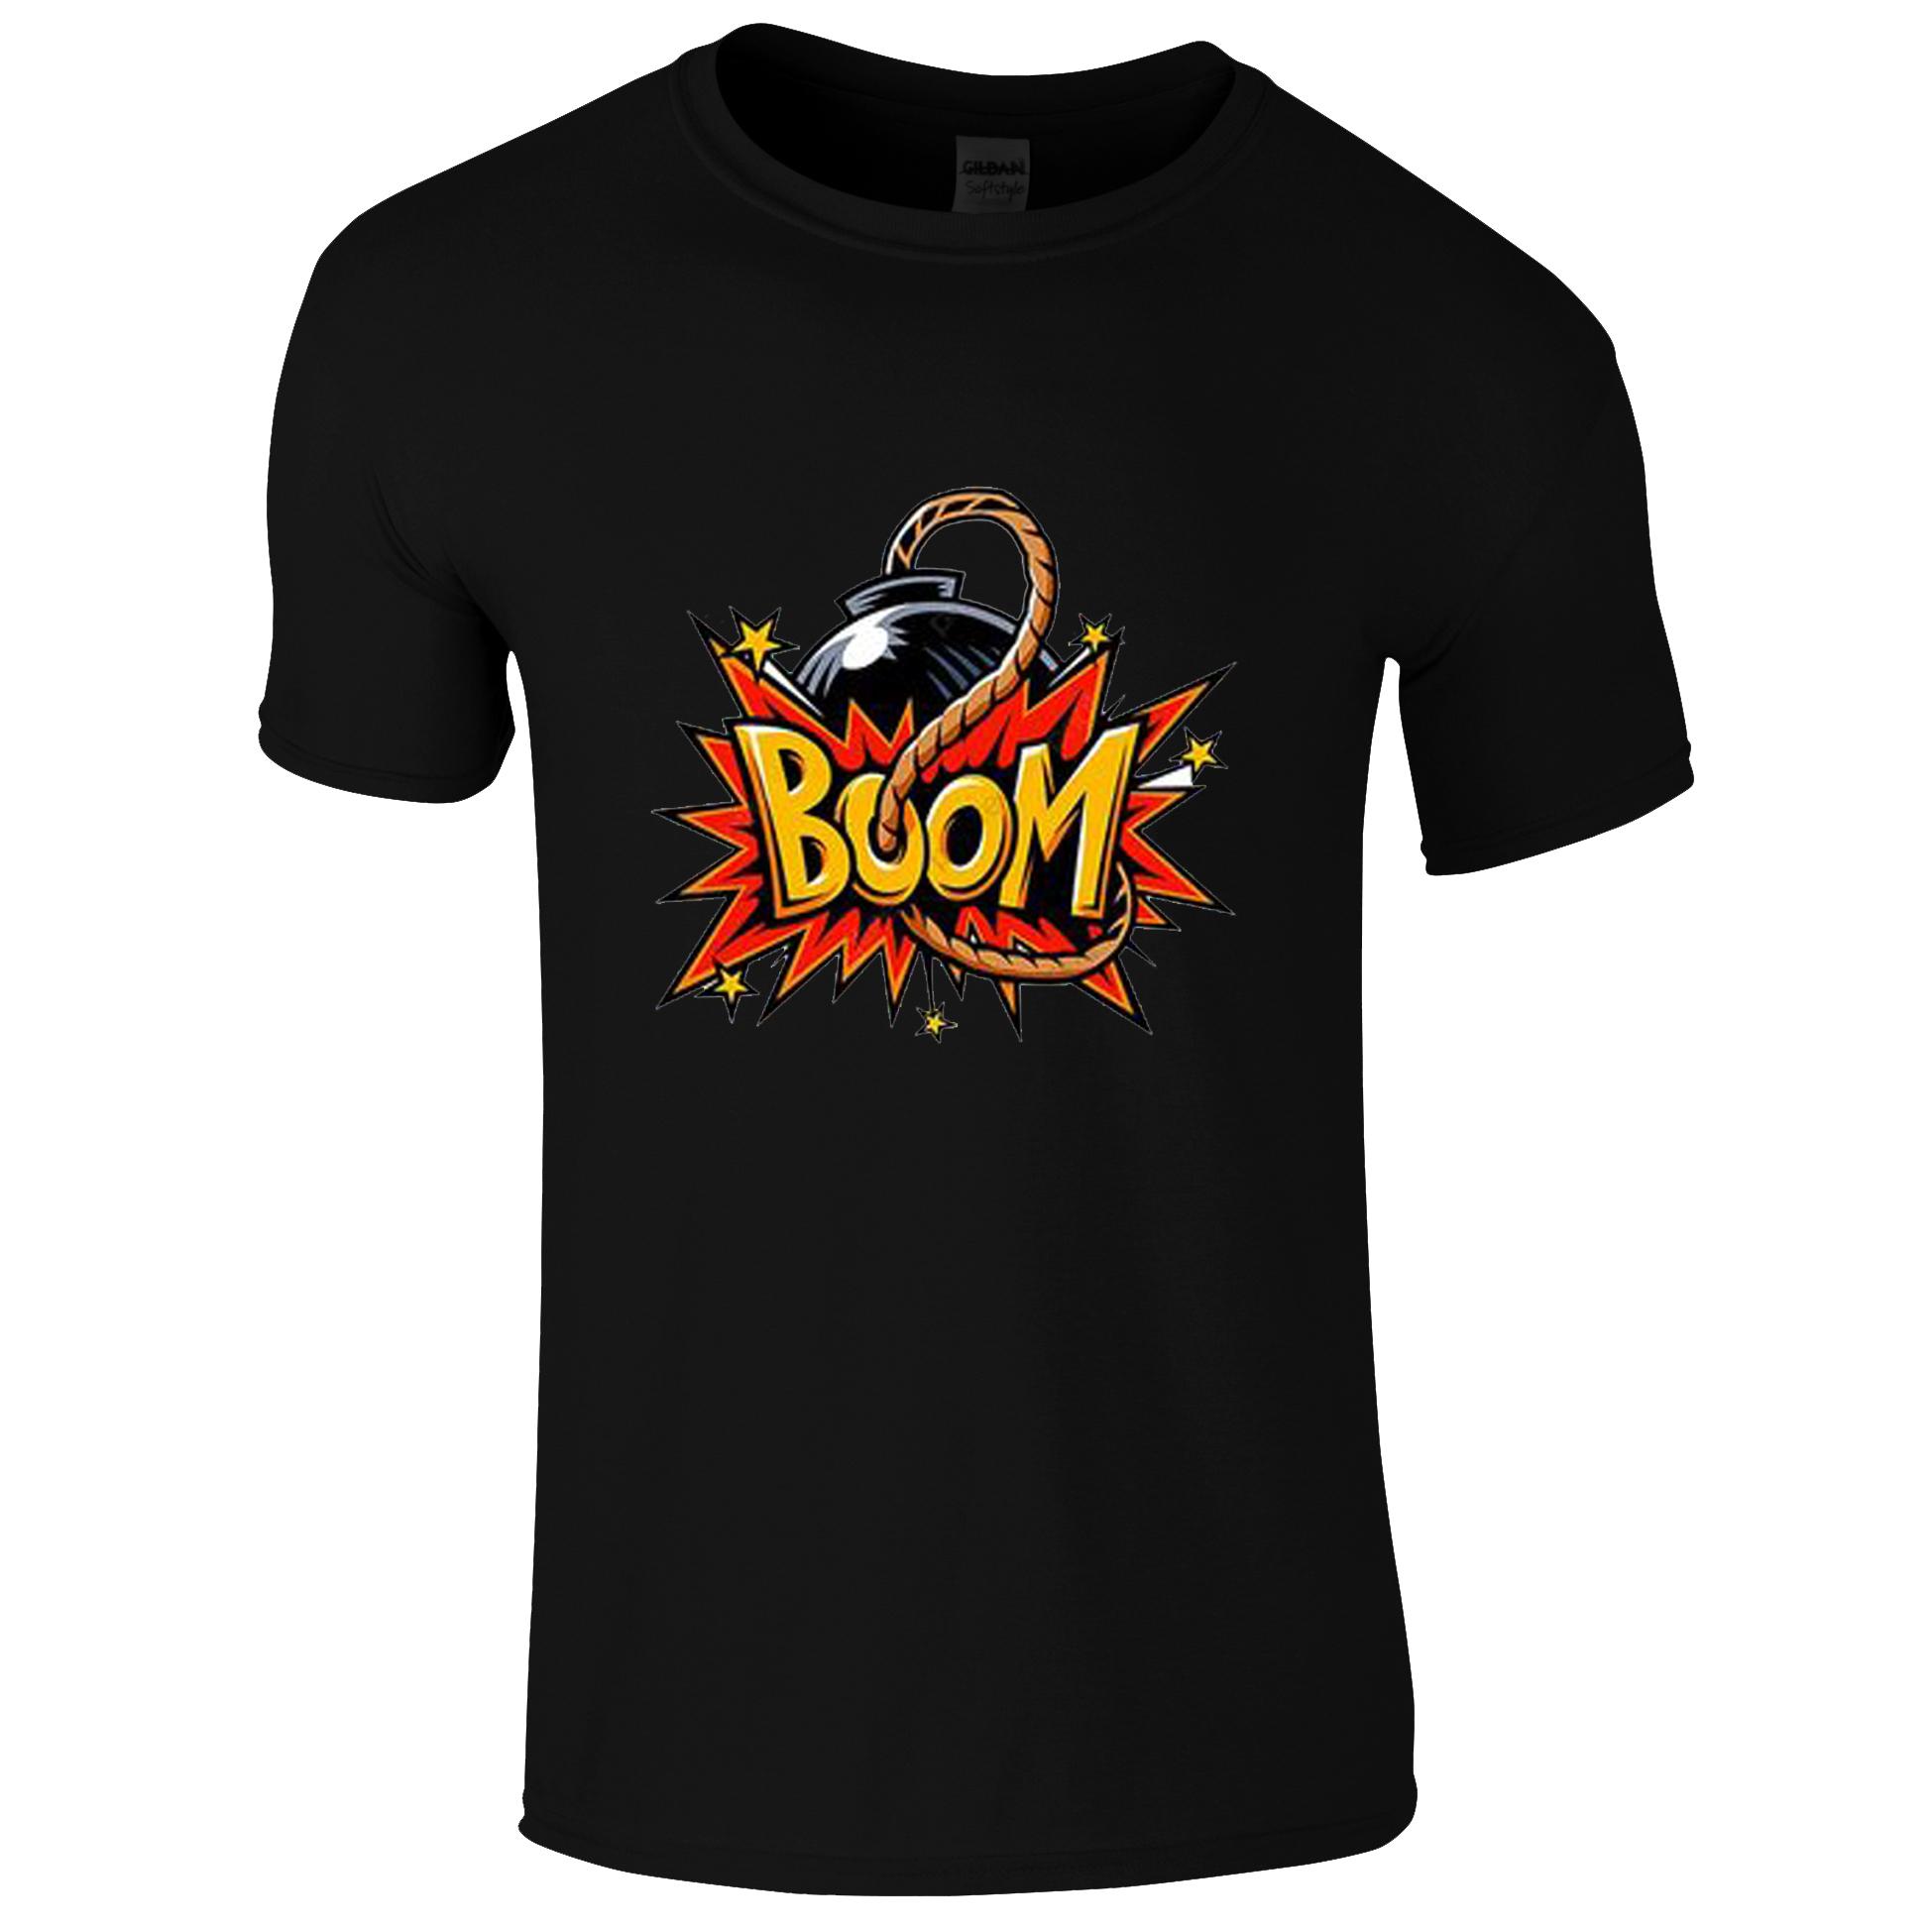 Schwarzes T-Shirt mit Explosiv Boom